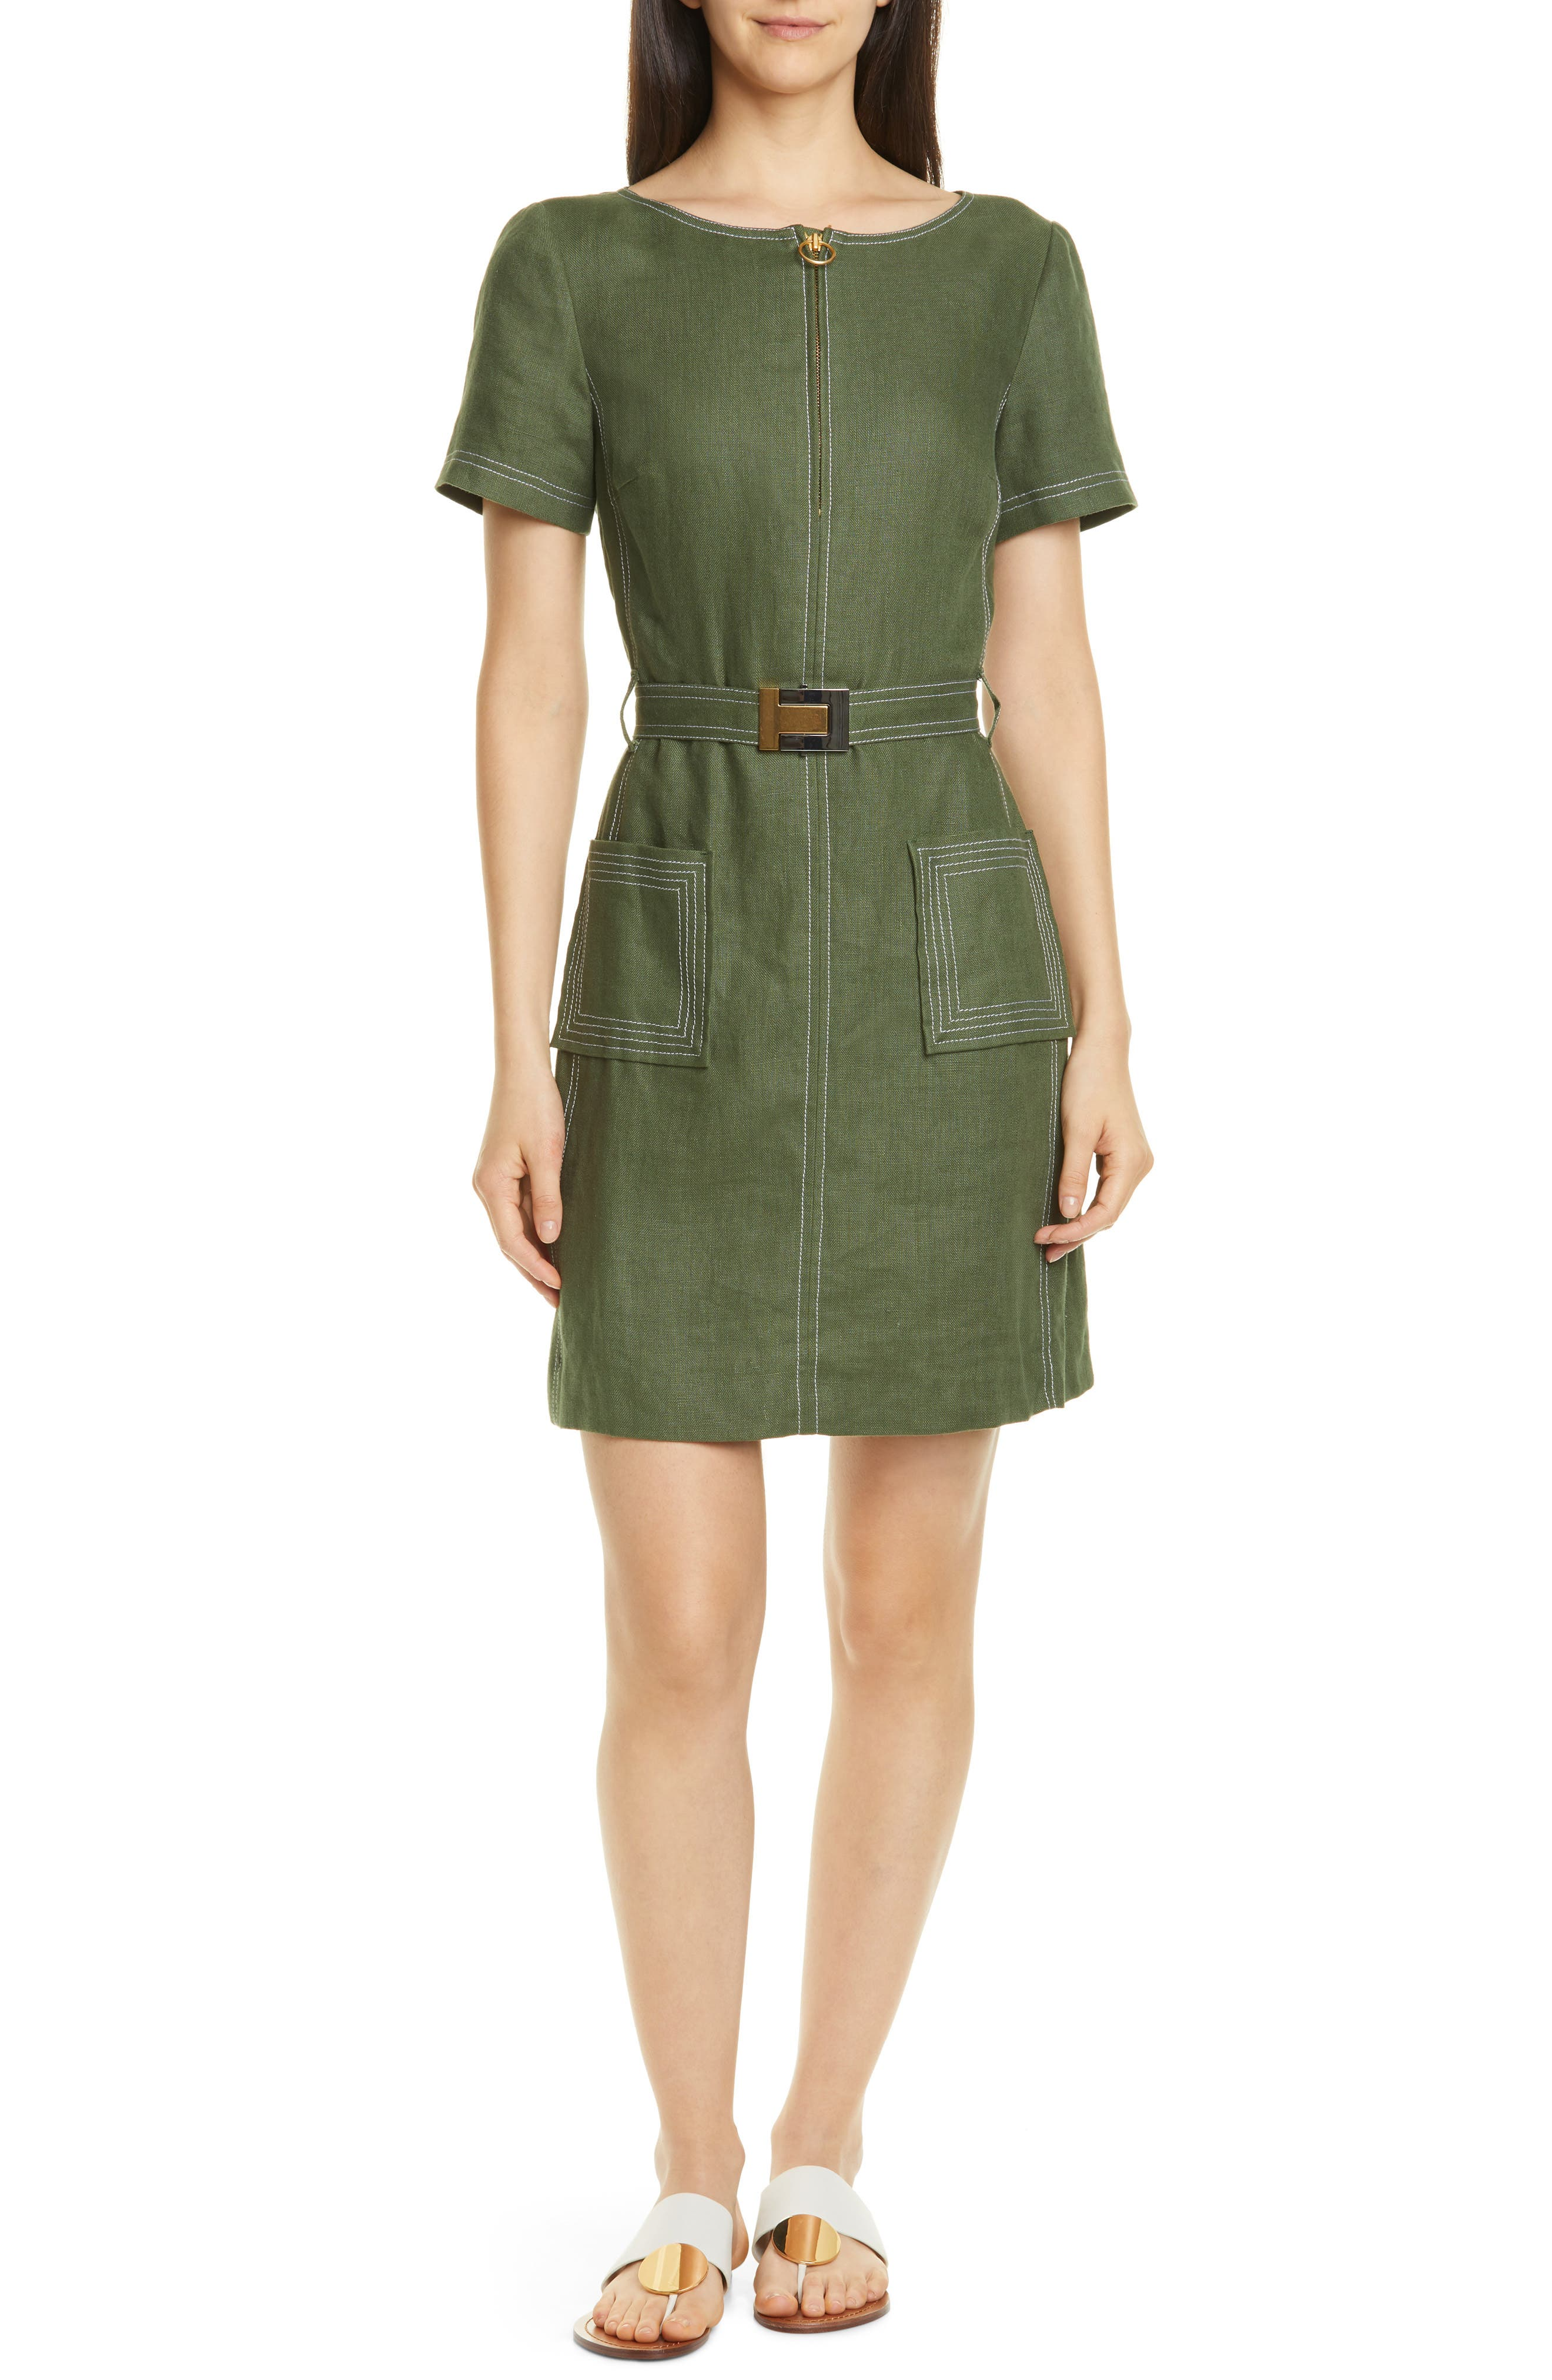 c8e65b5341 Tory Burch Belted Linen Dress, Green